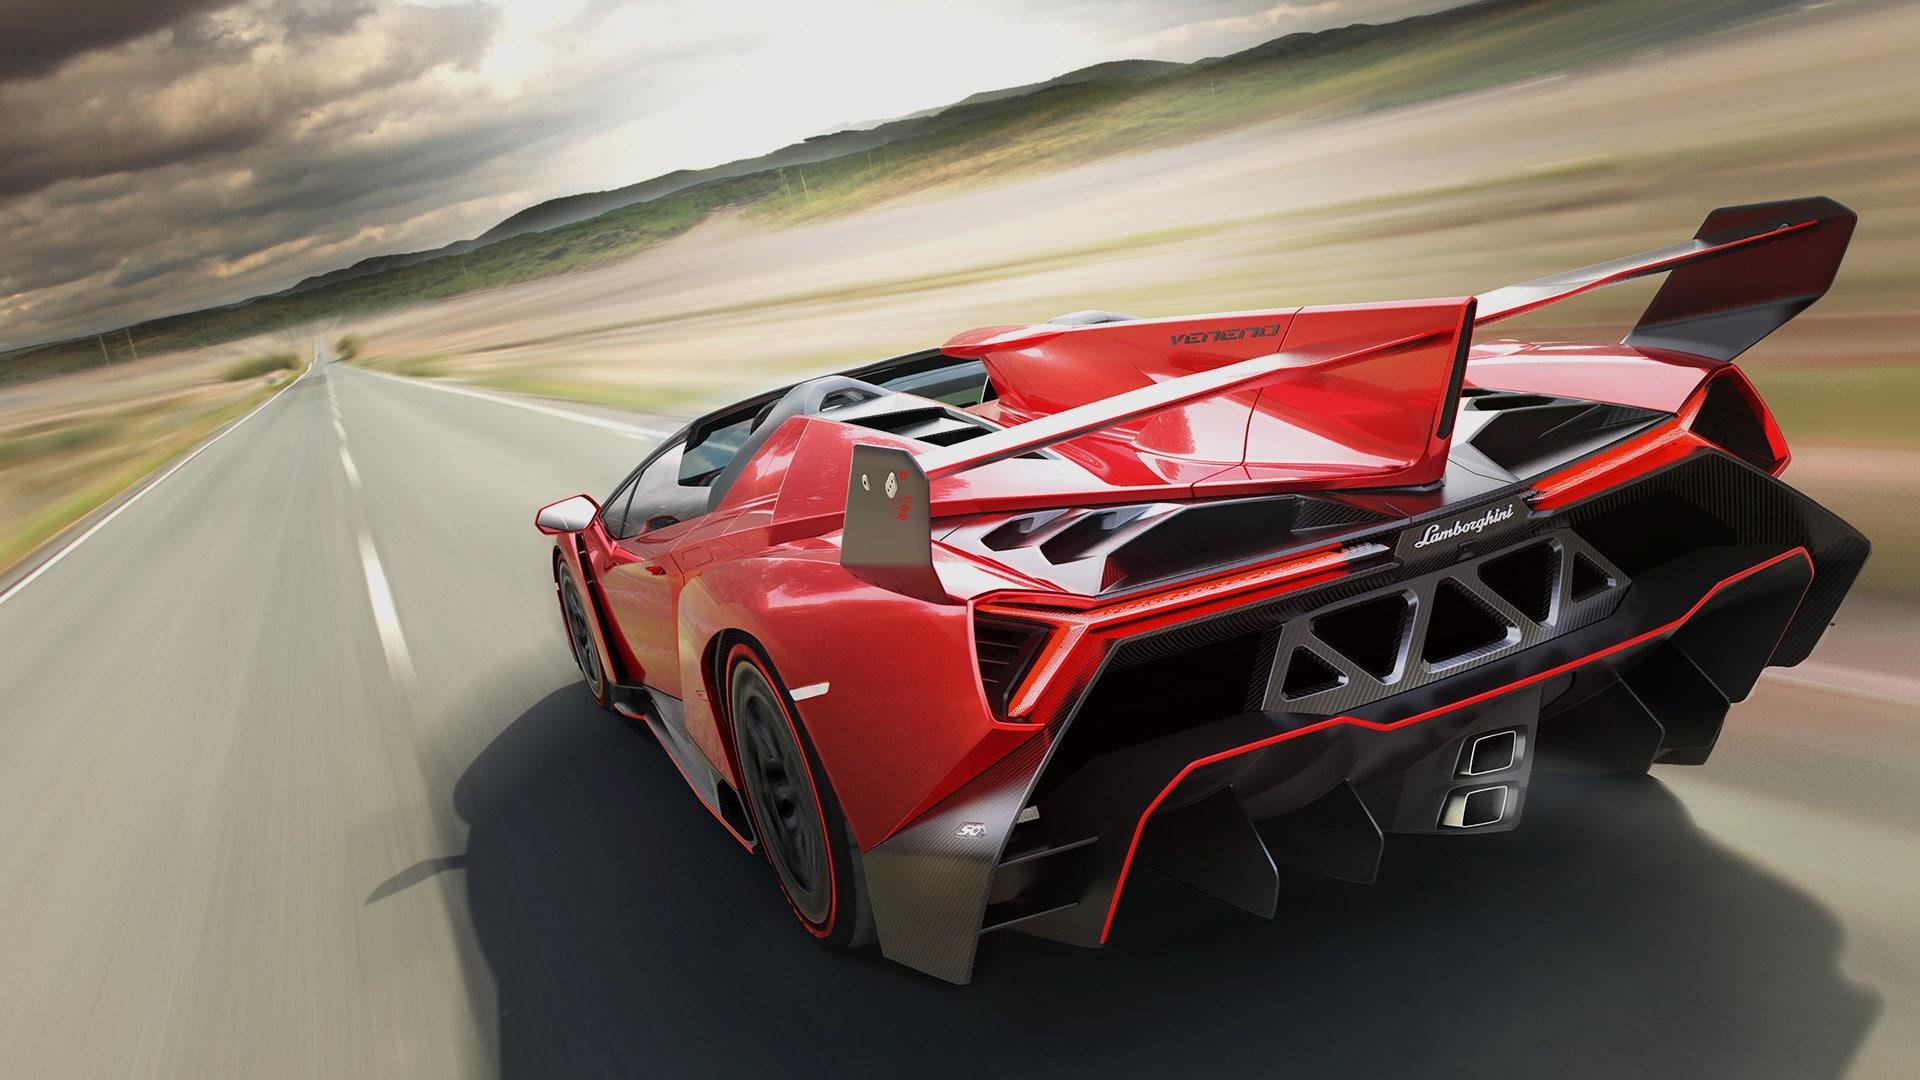 Lamborghini Veneno price in Pakistan